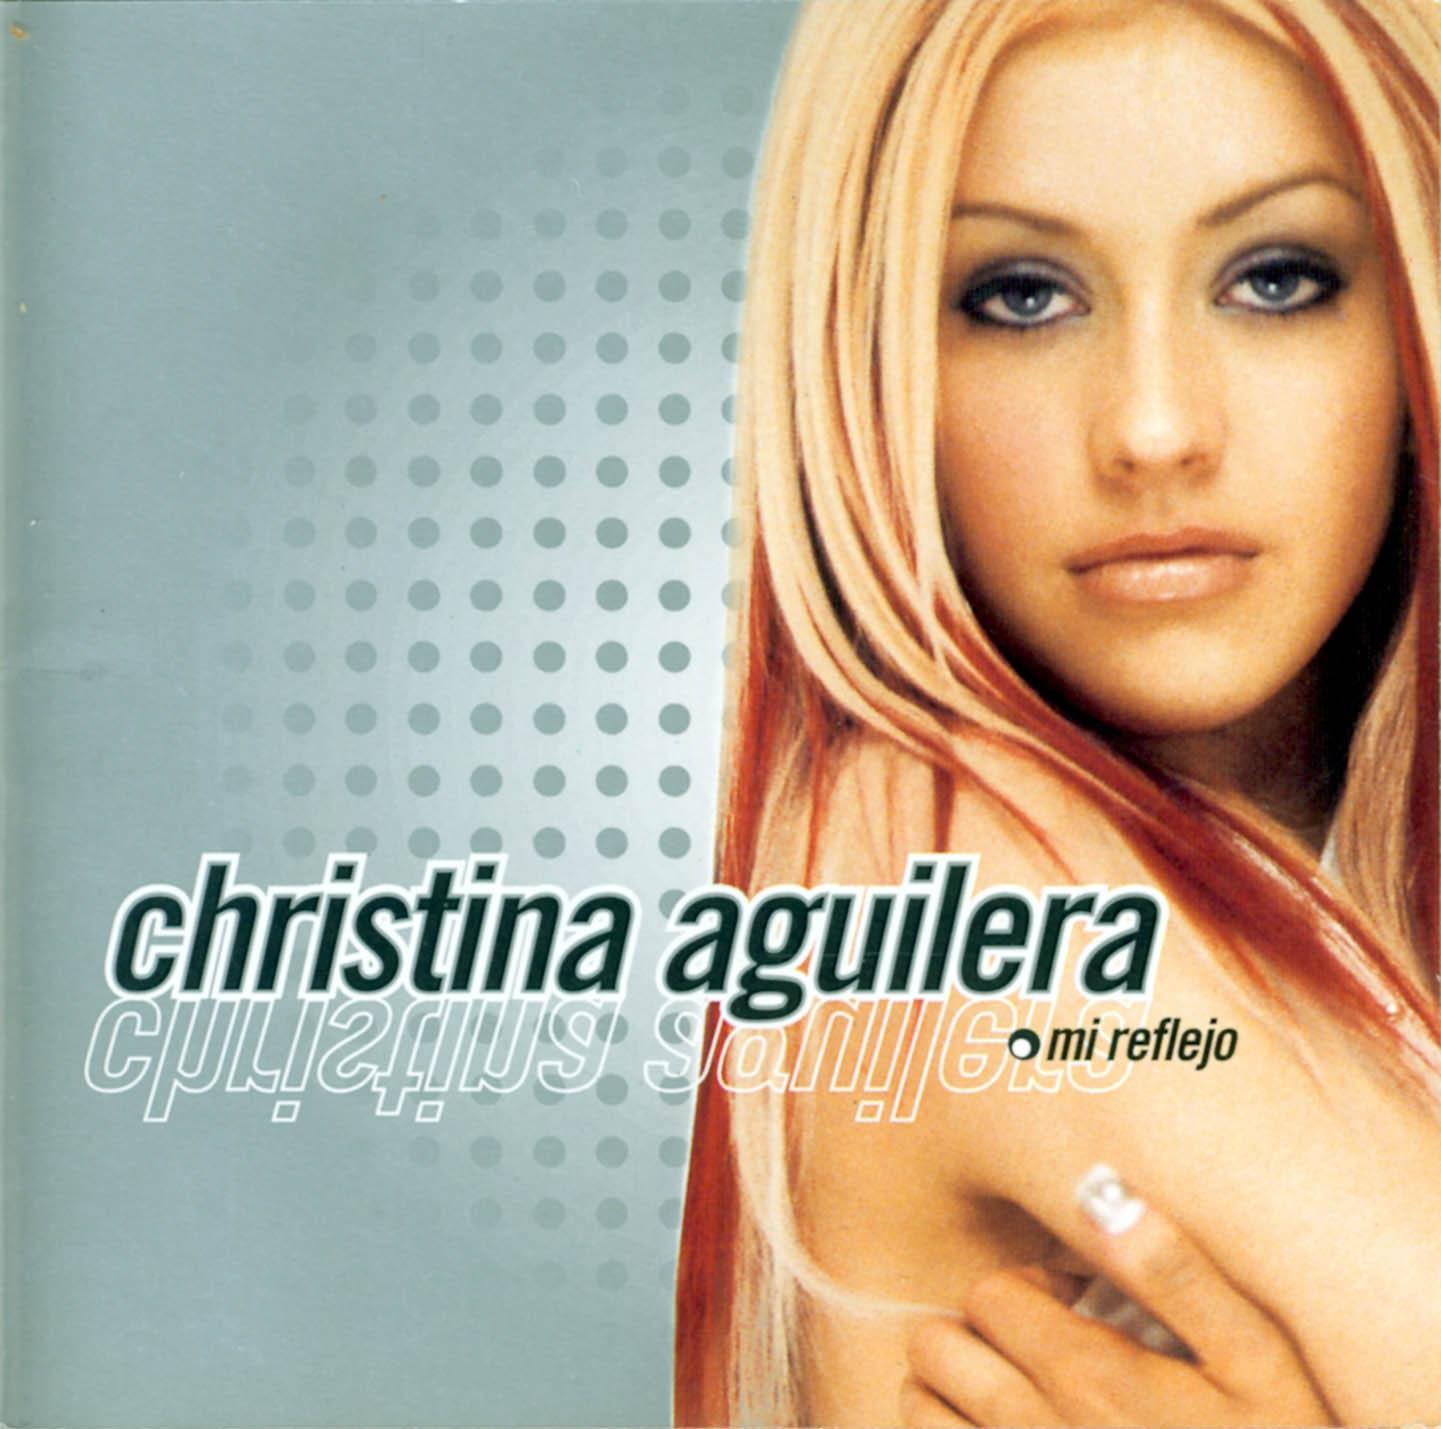 http://4.bp.blogspot.com/-UQxxawDWoVo/Tqb56yAc2GI/AAAAAAAACCg/WDt6cZ3tqWc/s1600/Christina_Aguilera-Mi_Reflejo-Frontal.jpg